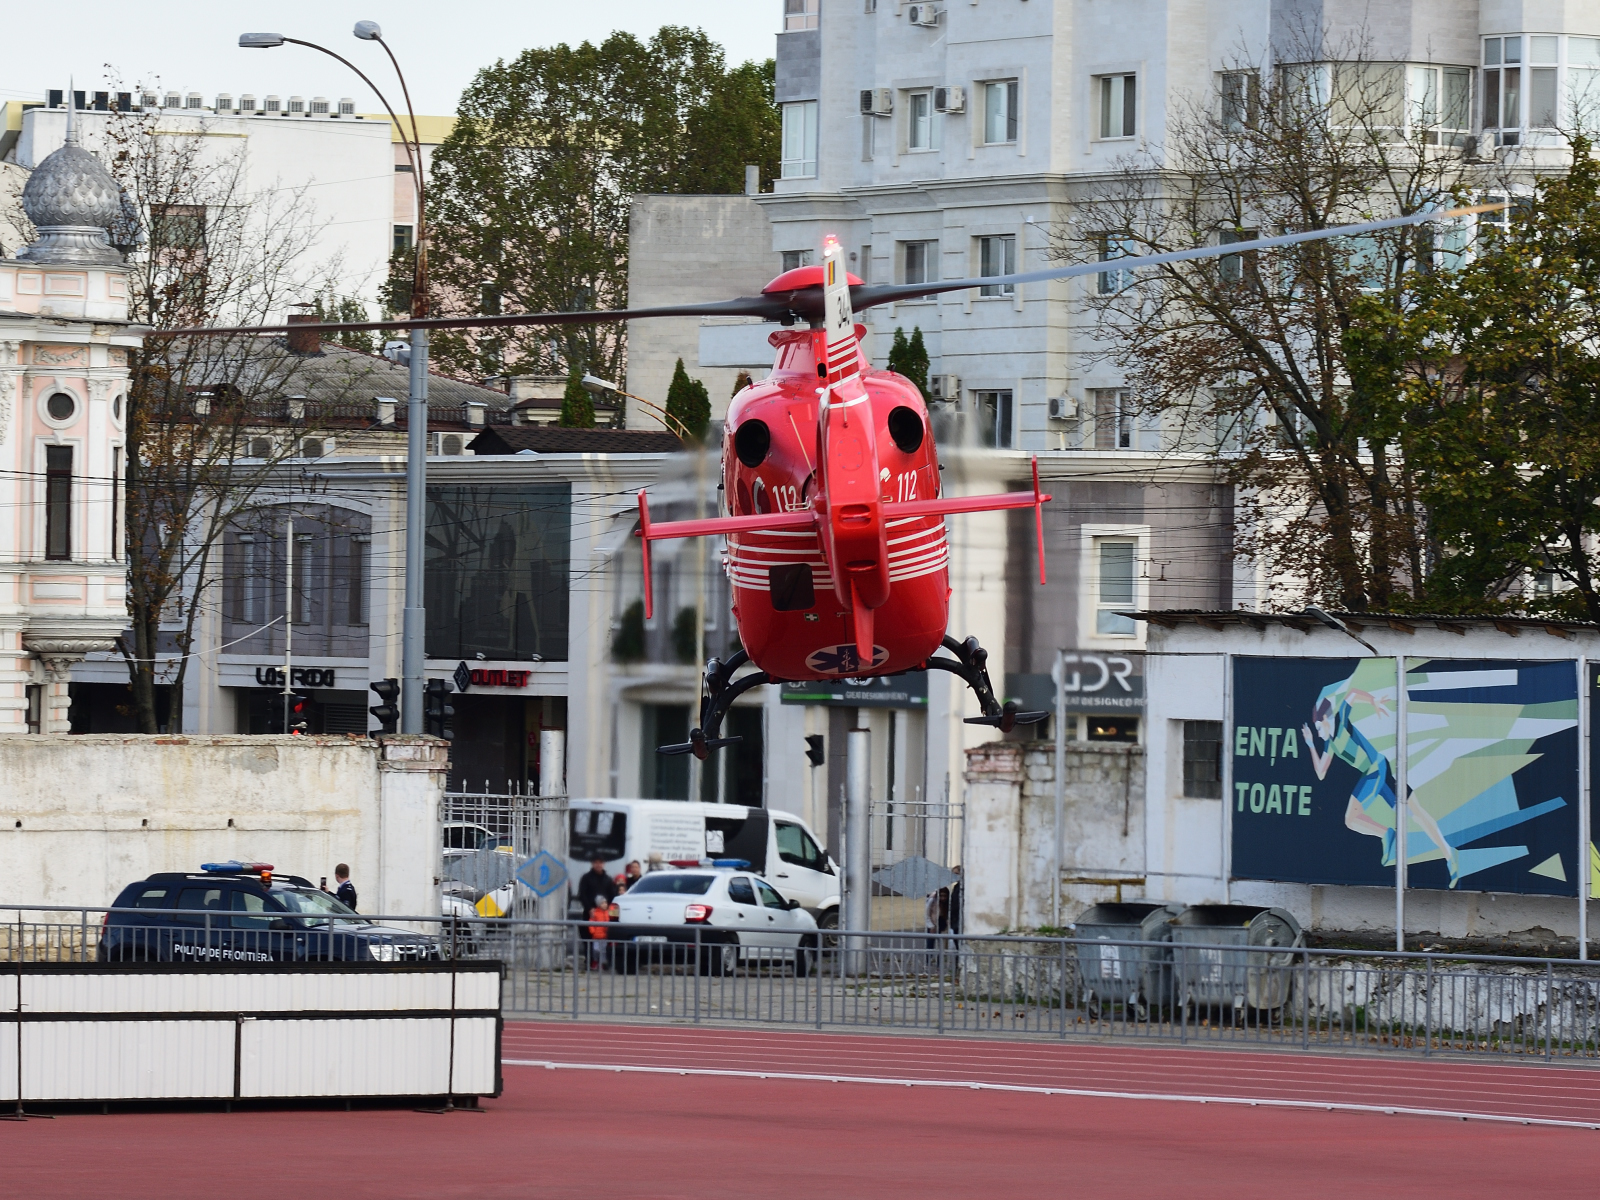 Eurocopter EC135, 346